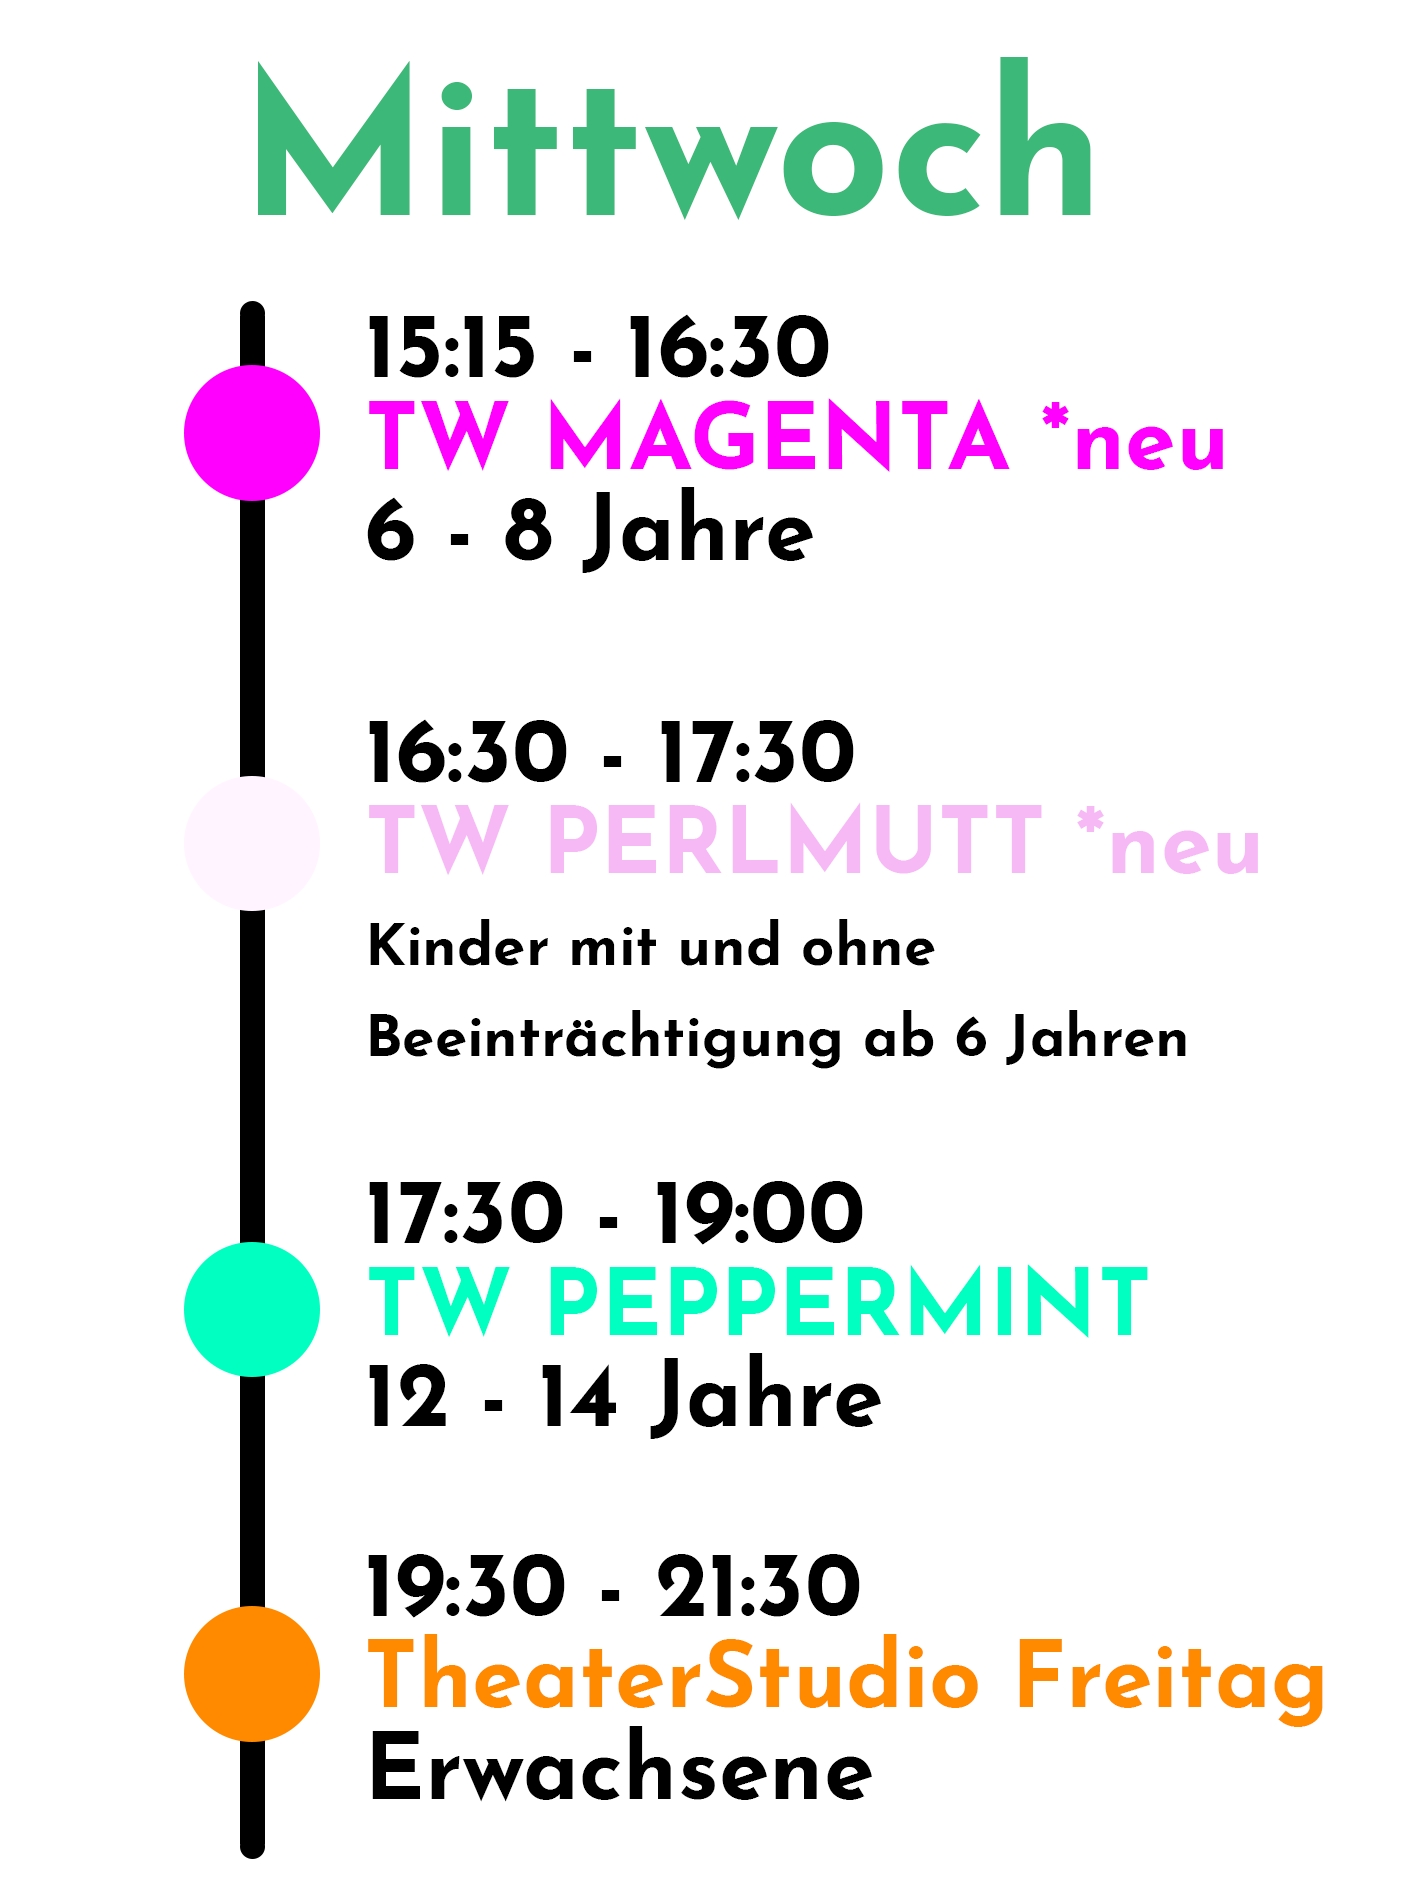 Stundenplan Mittwoch.png